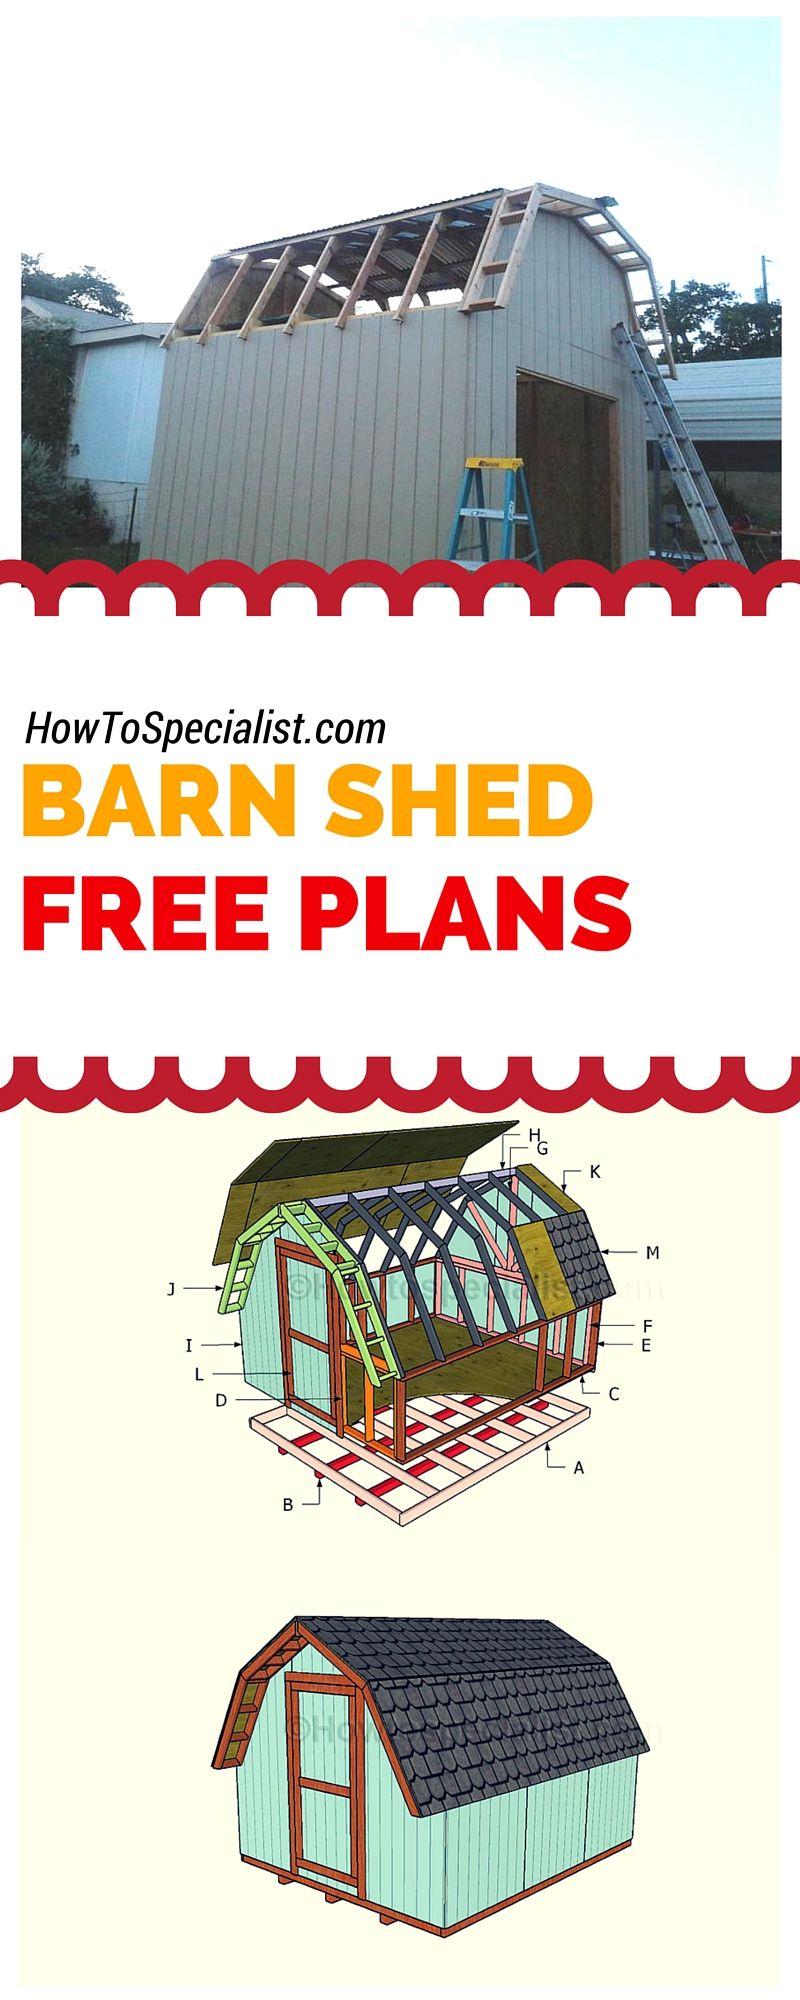 1012 barn shed plans storage shed plans diy storage